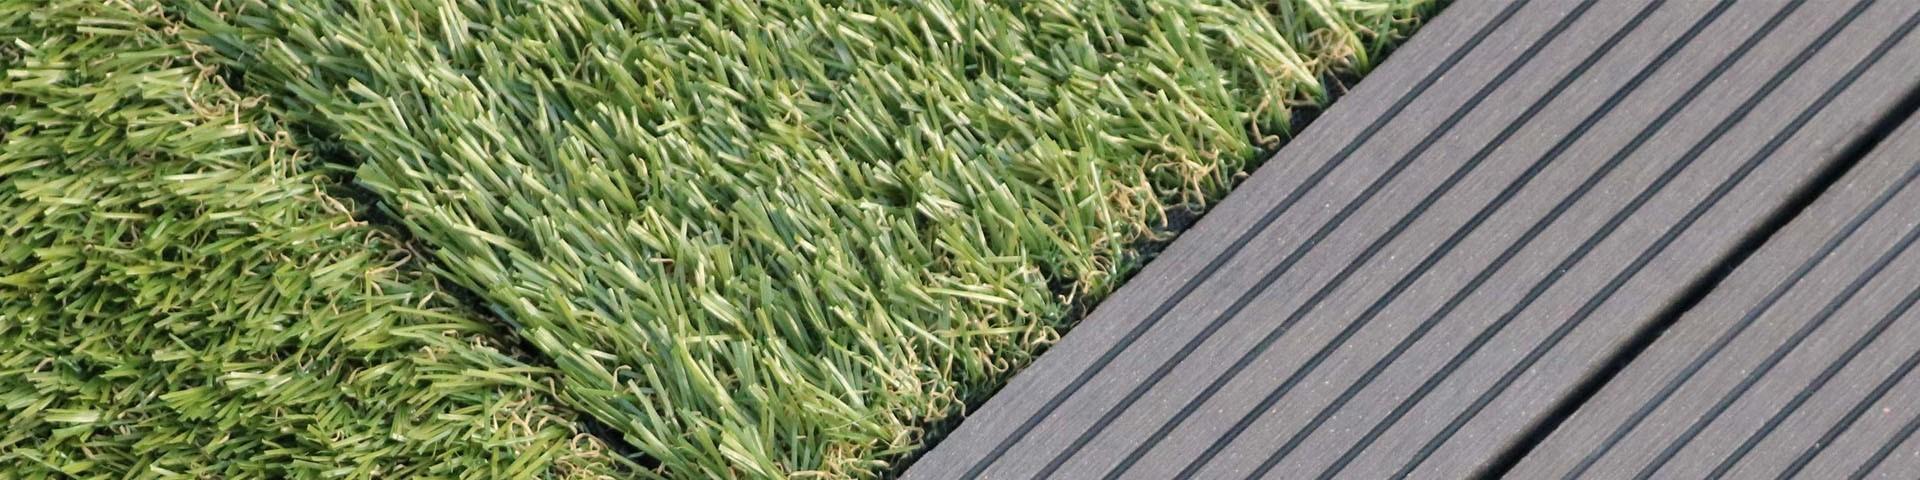 Aménagement de jardin avec pelouse artificielle : bordure en PVC gris